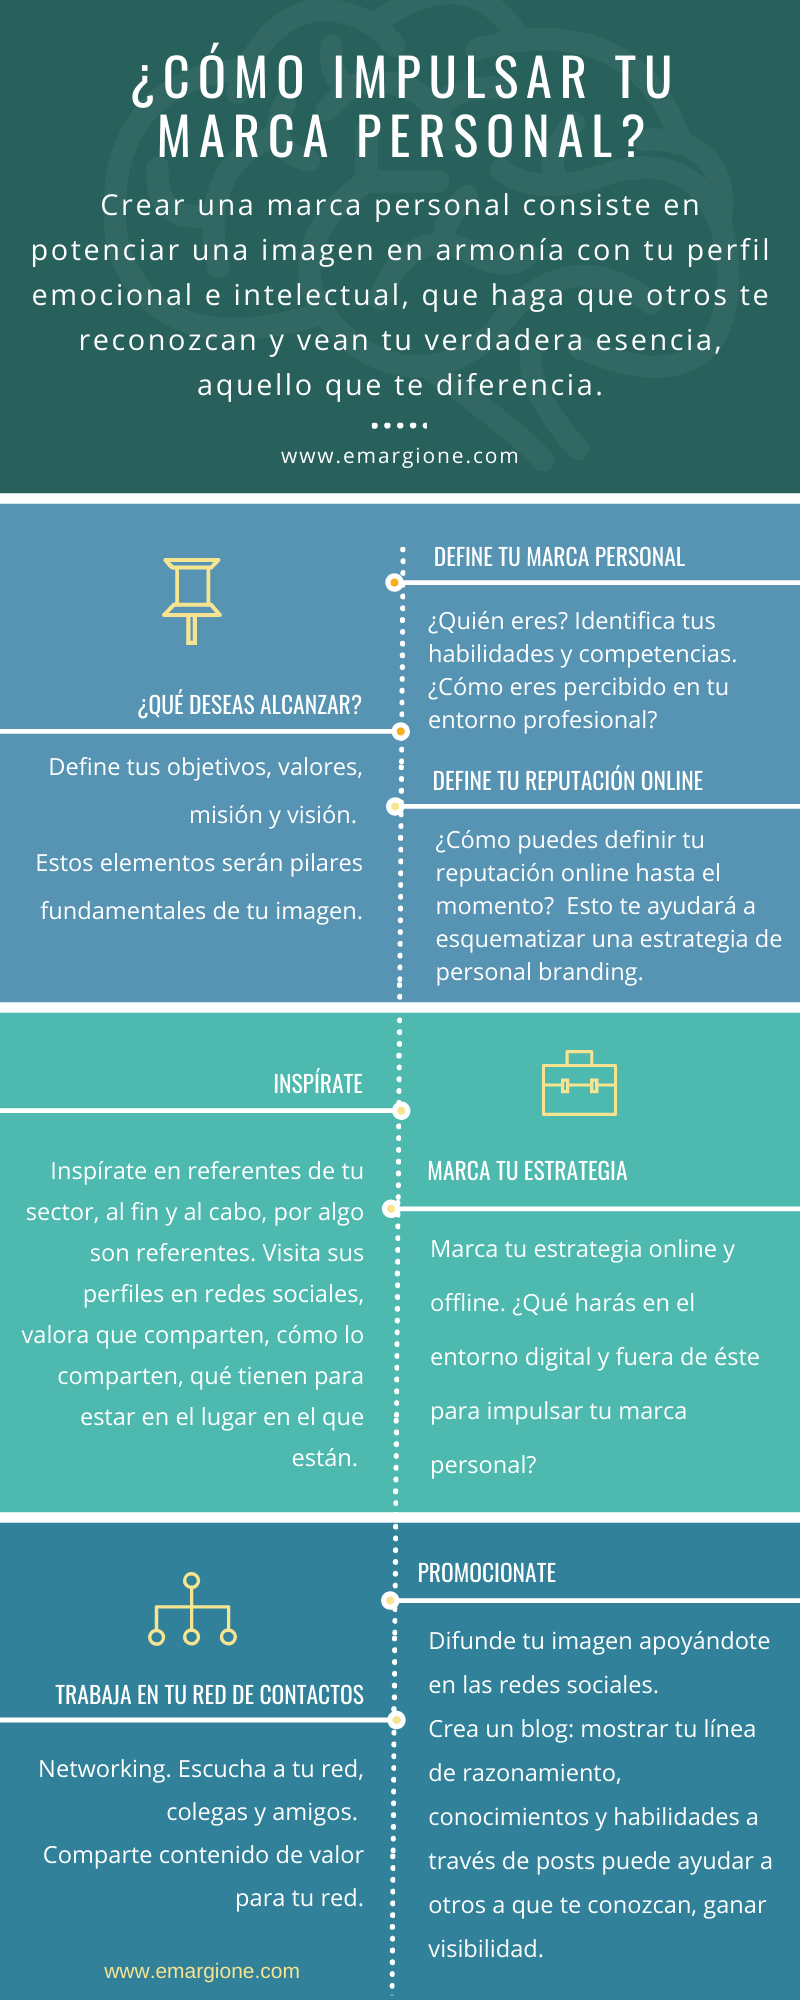 emargione_blog de marketing digital_infografía_cómo impulsar tu marca personal